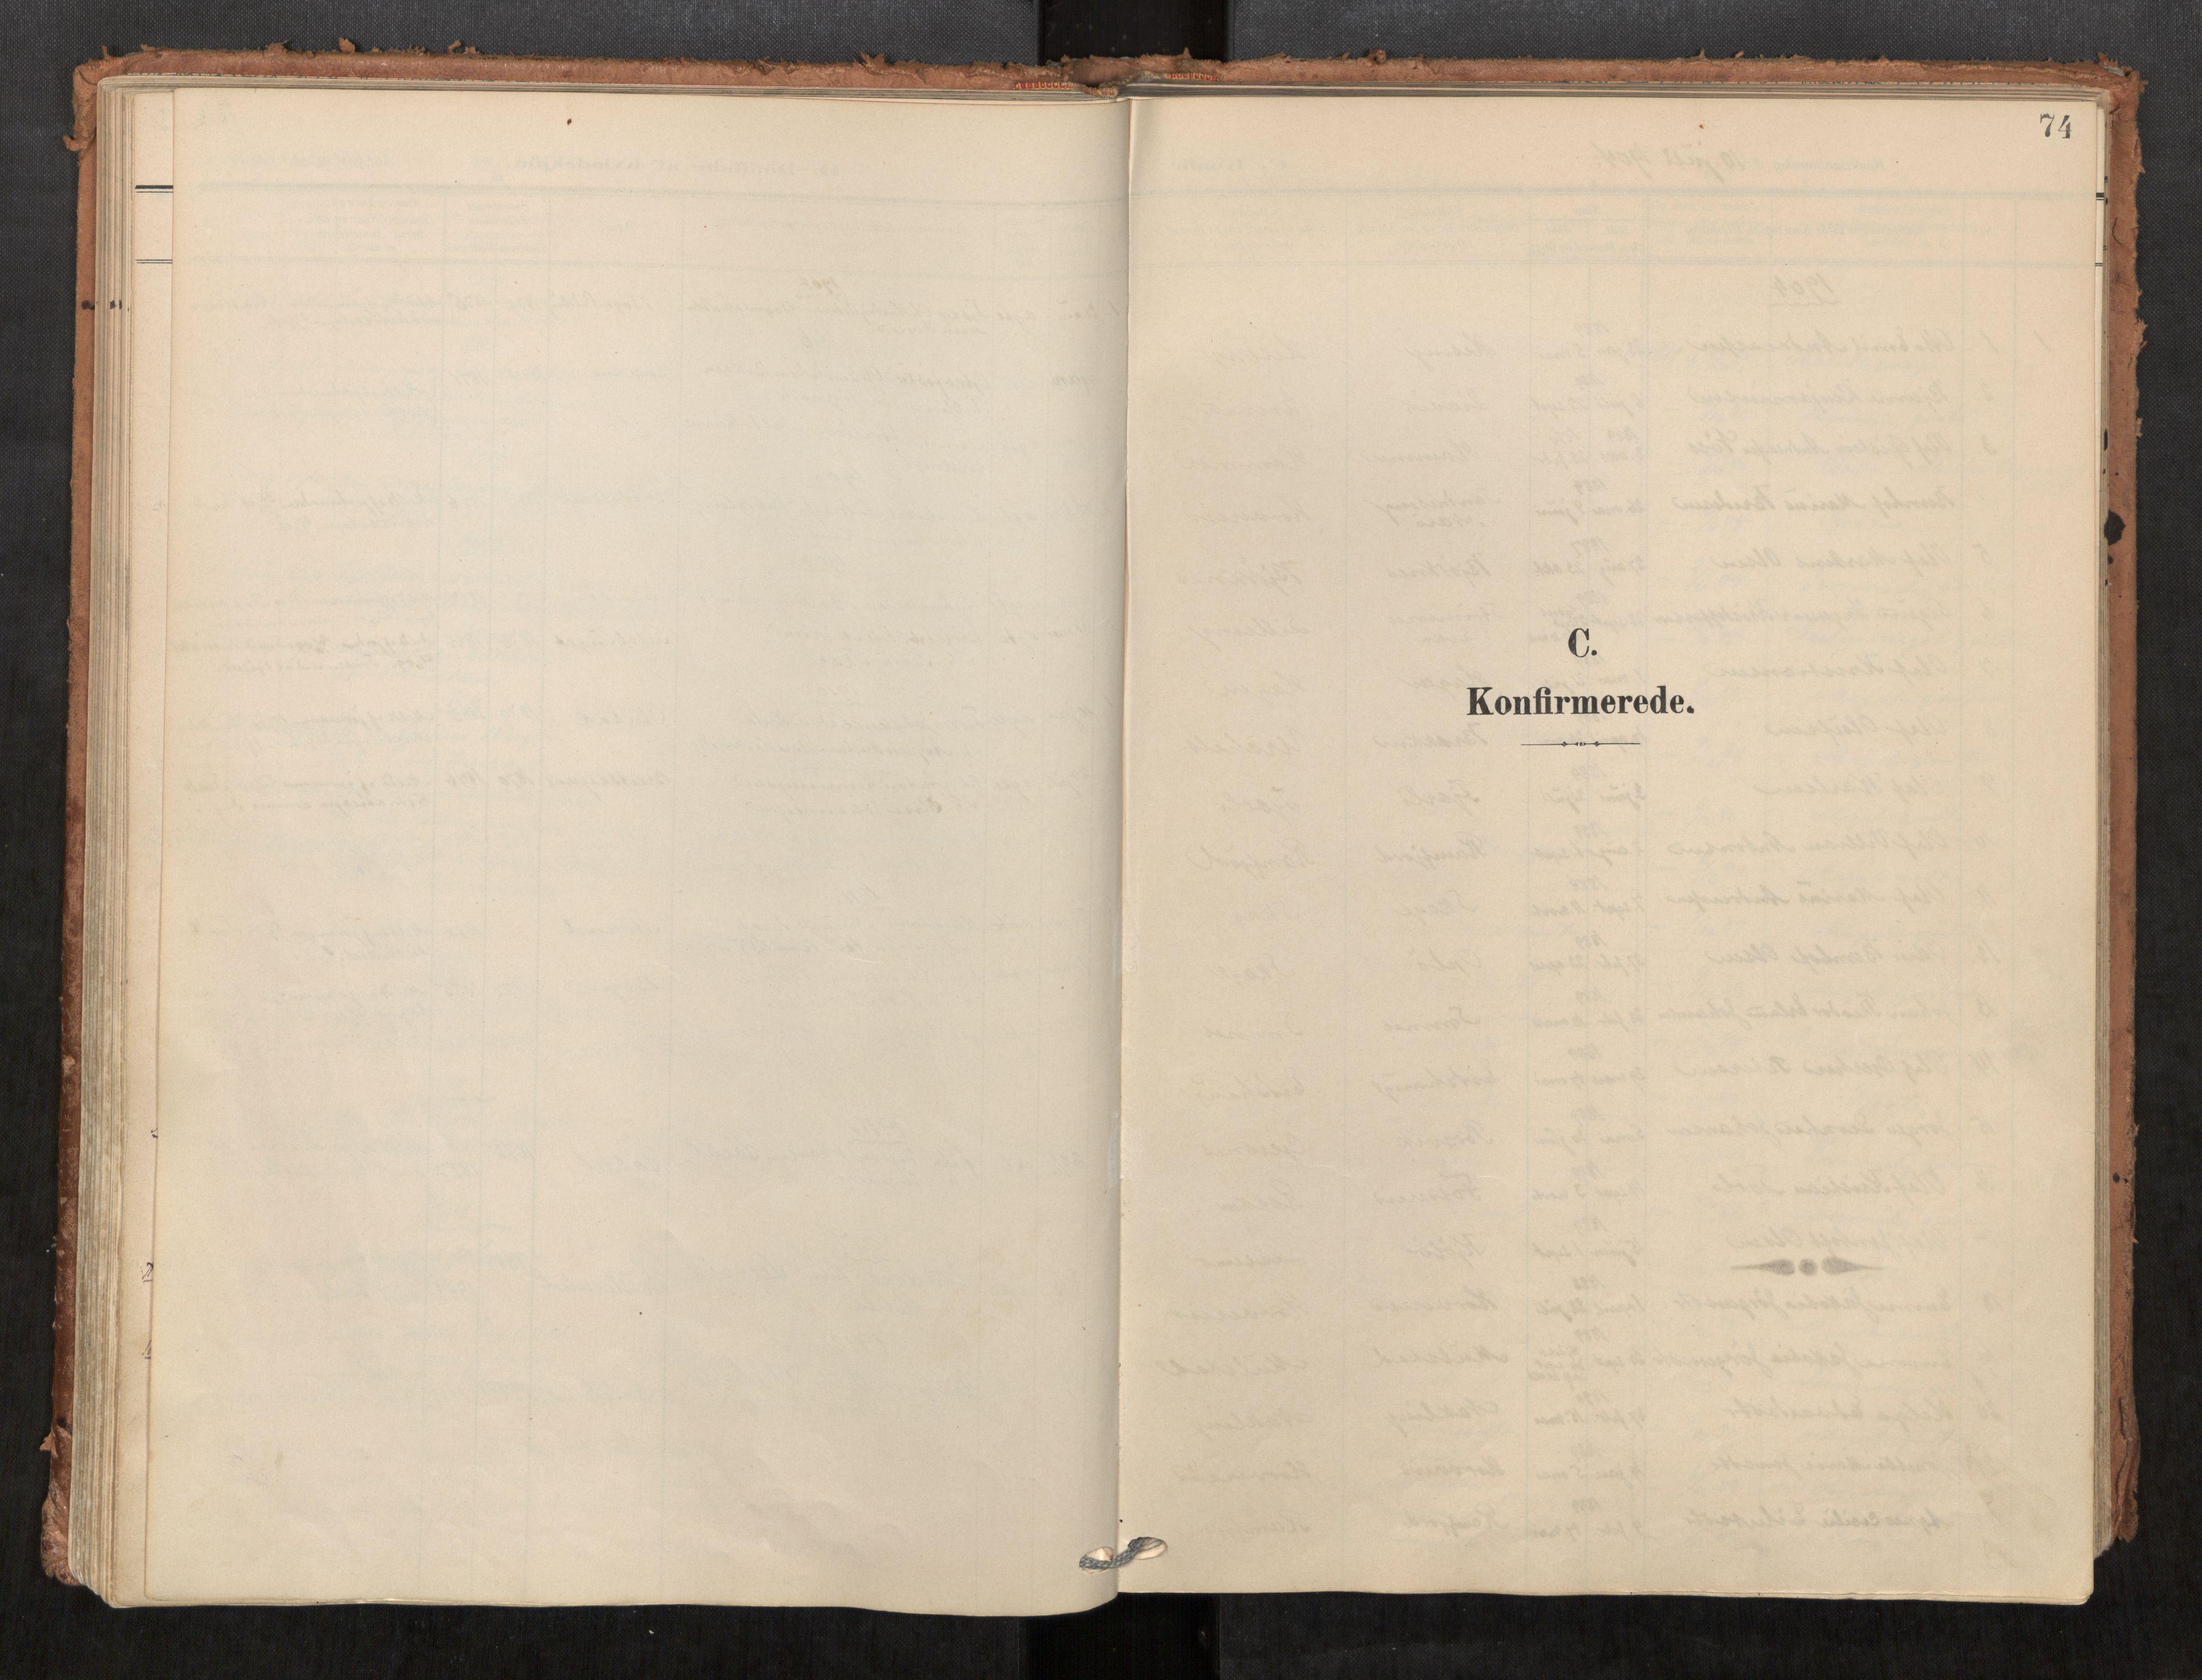 SAT, Kolvereid sokneprestkontor, H/Ha/Haa/L0001: Parish register (official) no. 1, 1903-1922, p. 74